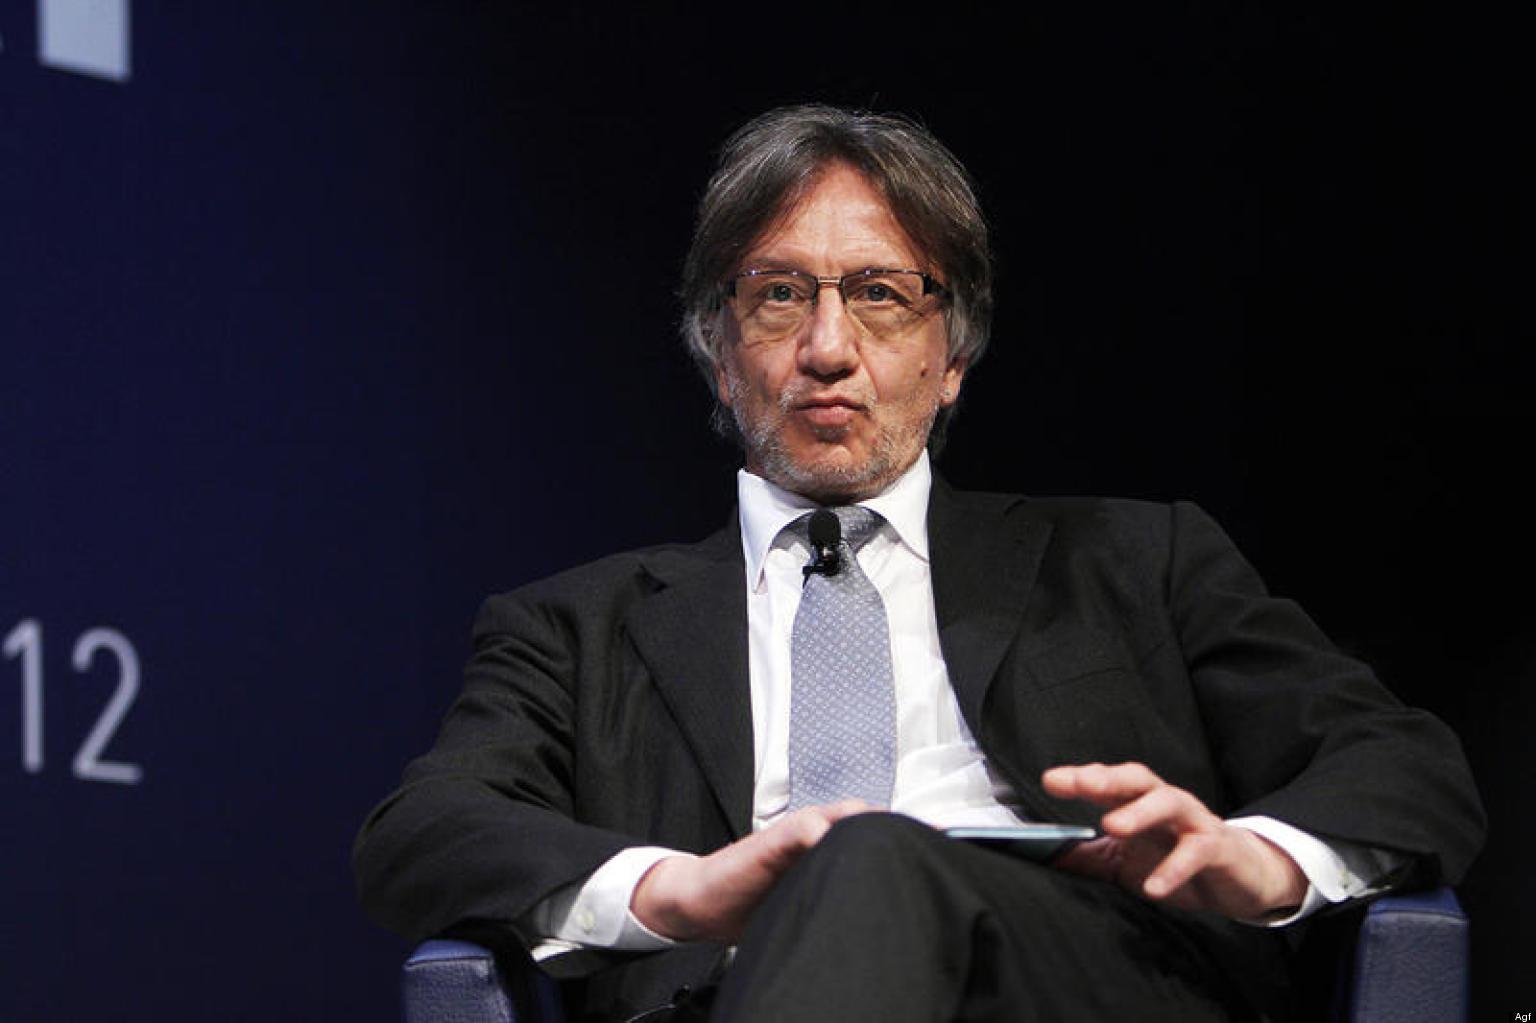 Michele Boldrin confessa i suoi errori su Scelta Europea e addita le responsabilità di Verhofstadt